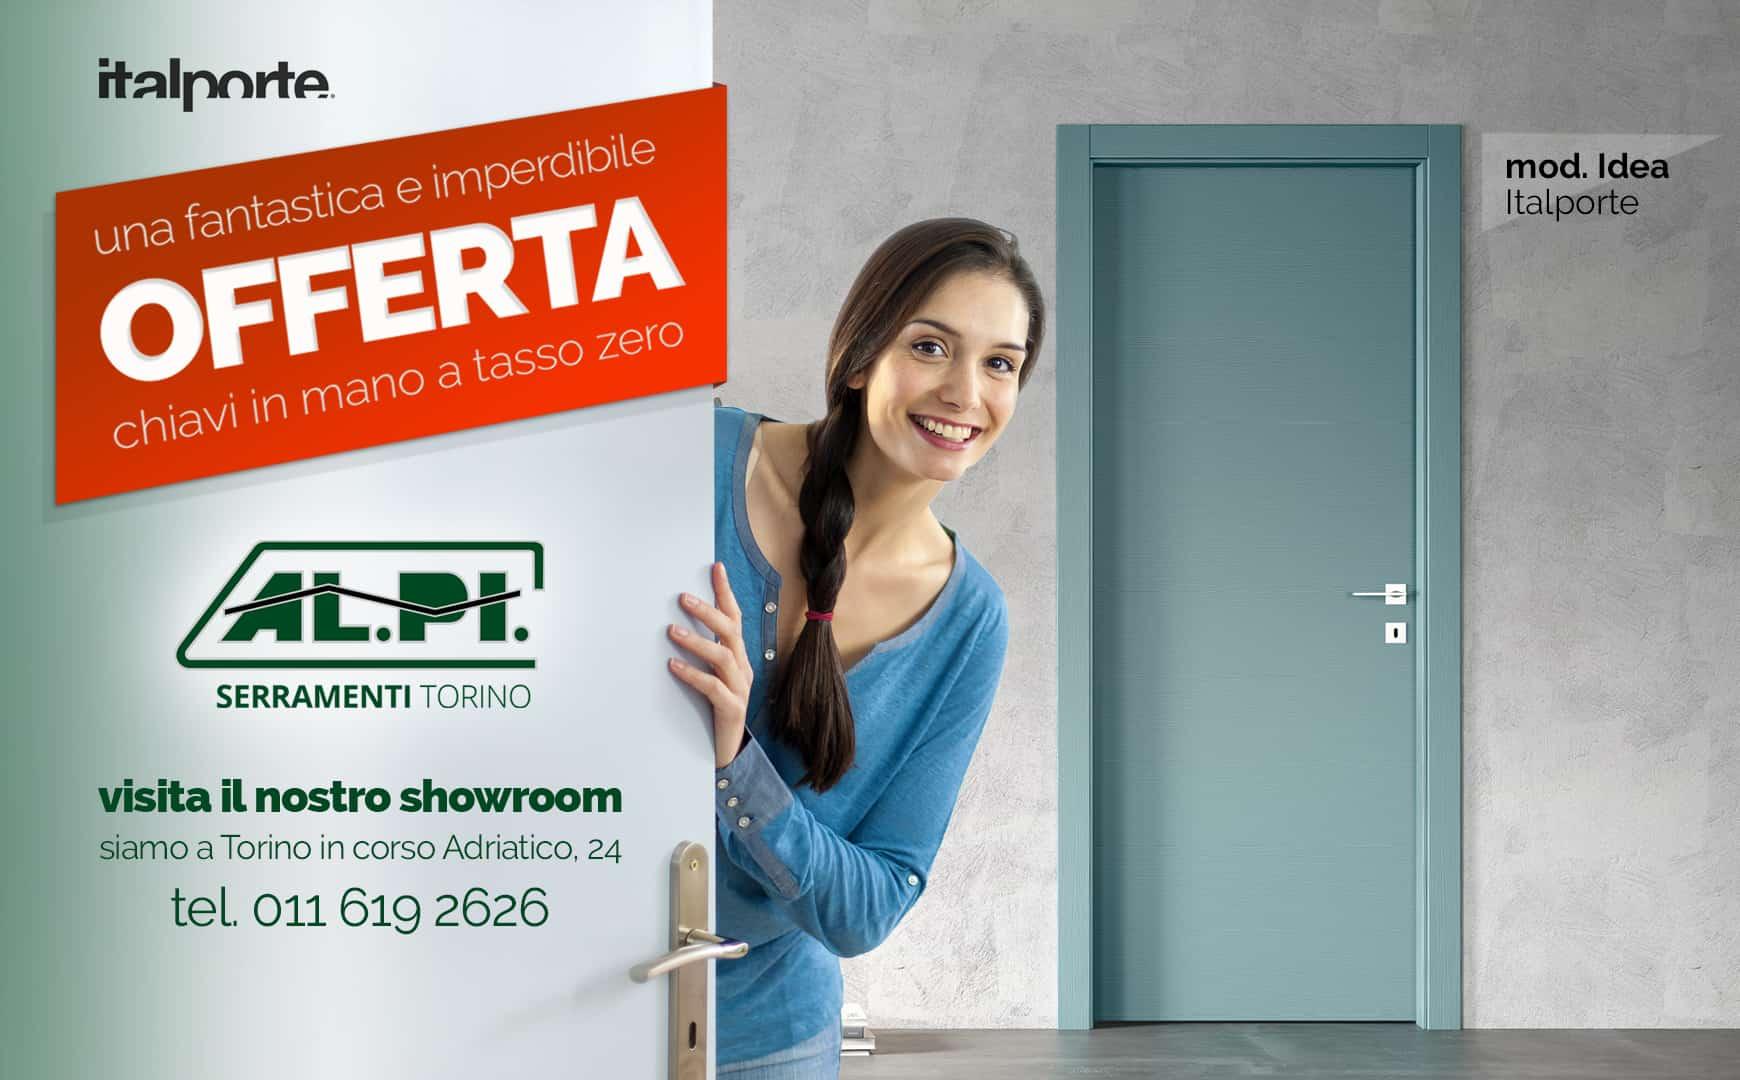 offerta porte interne ALPI Serramenti Torino, Italporte modello Idea